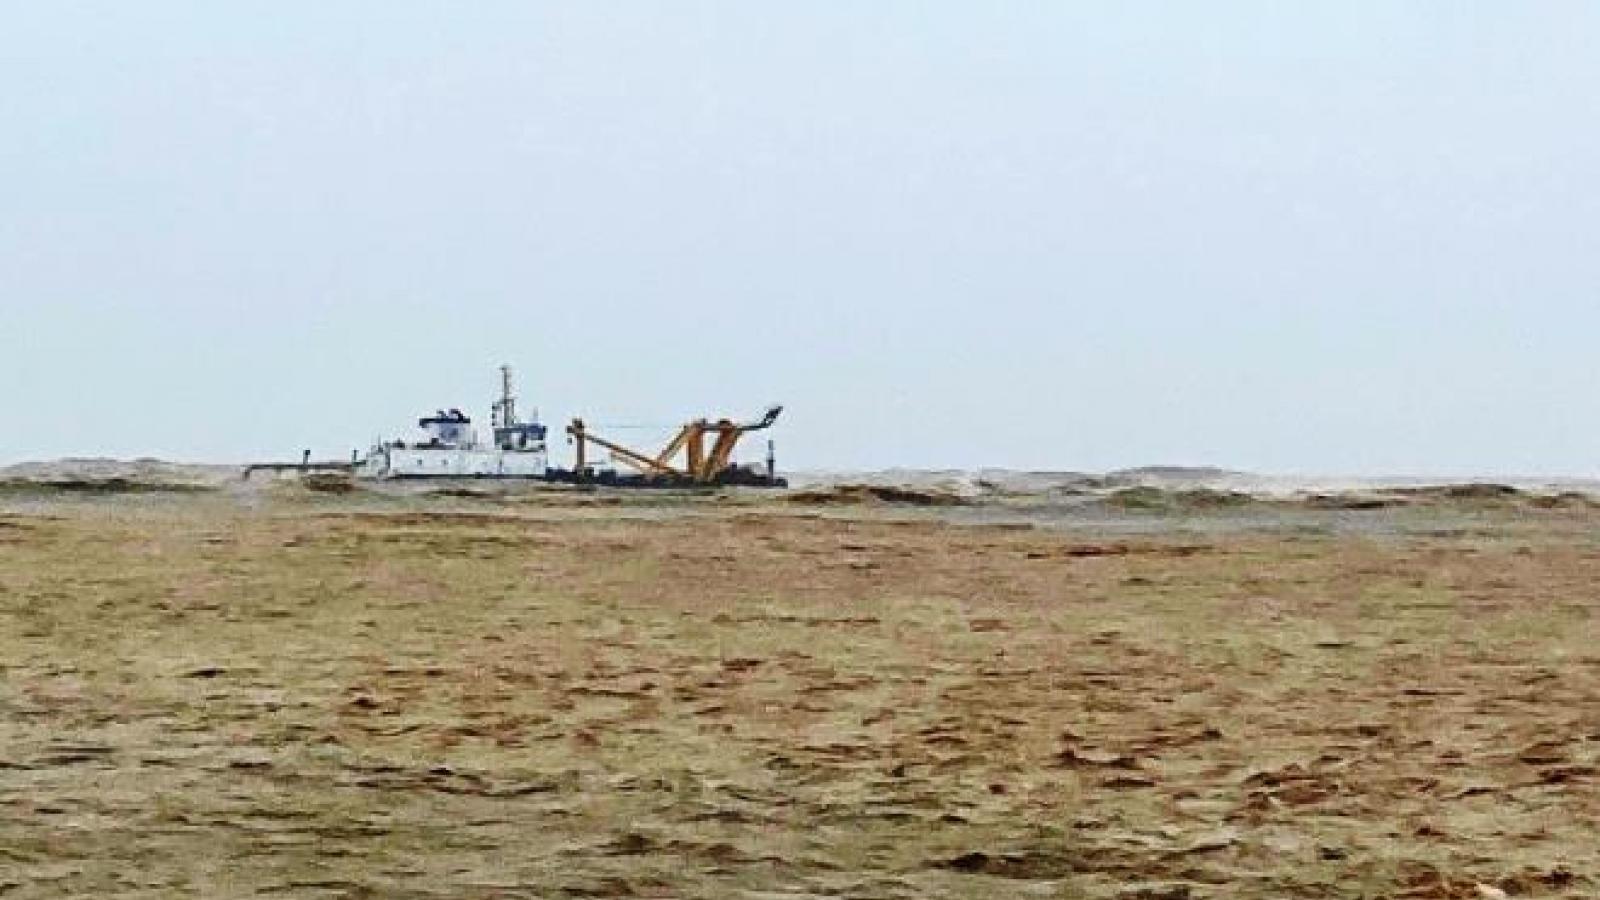 Quảng Trị: Ứng cứu được 1 thuyền viên, 11người vẫn mắc kẹt cùng tàu